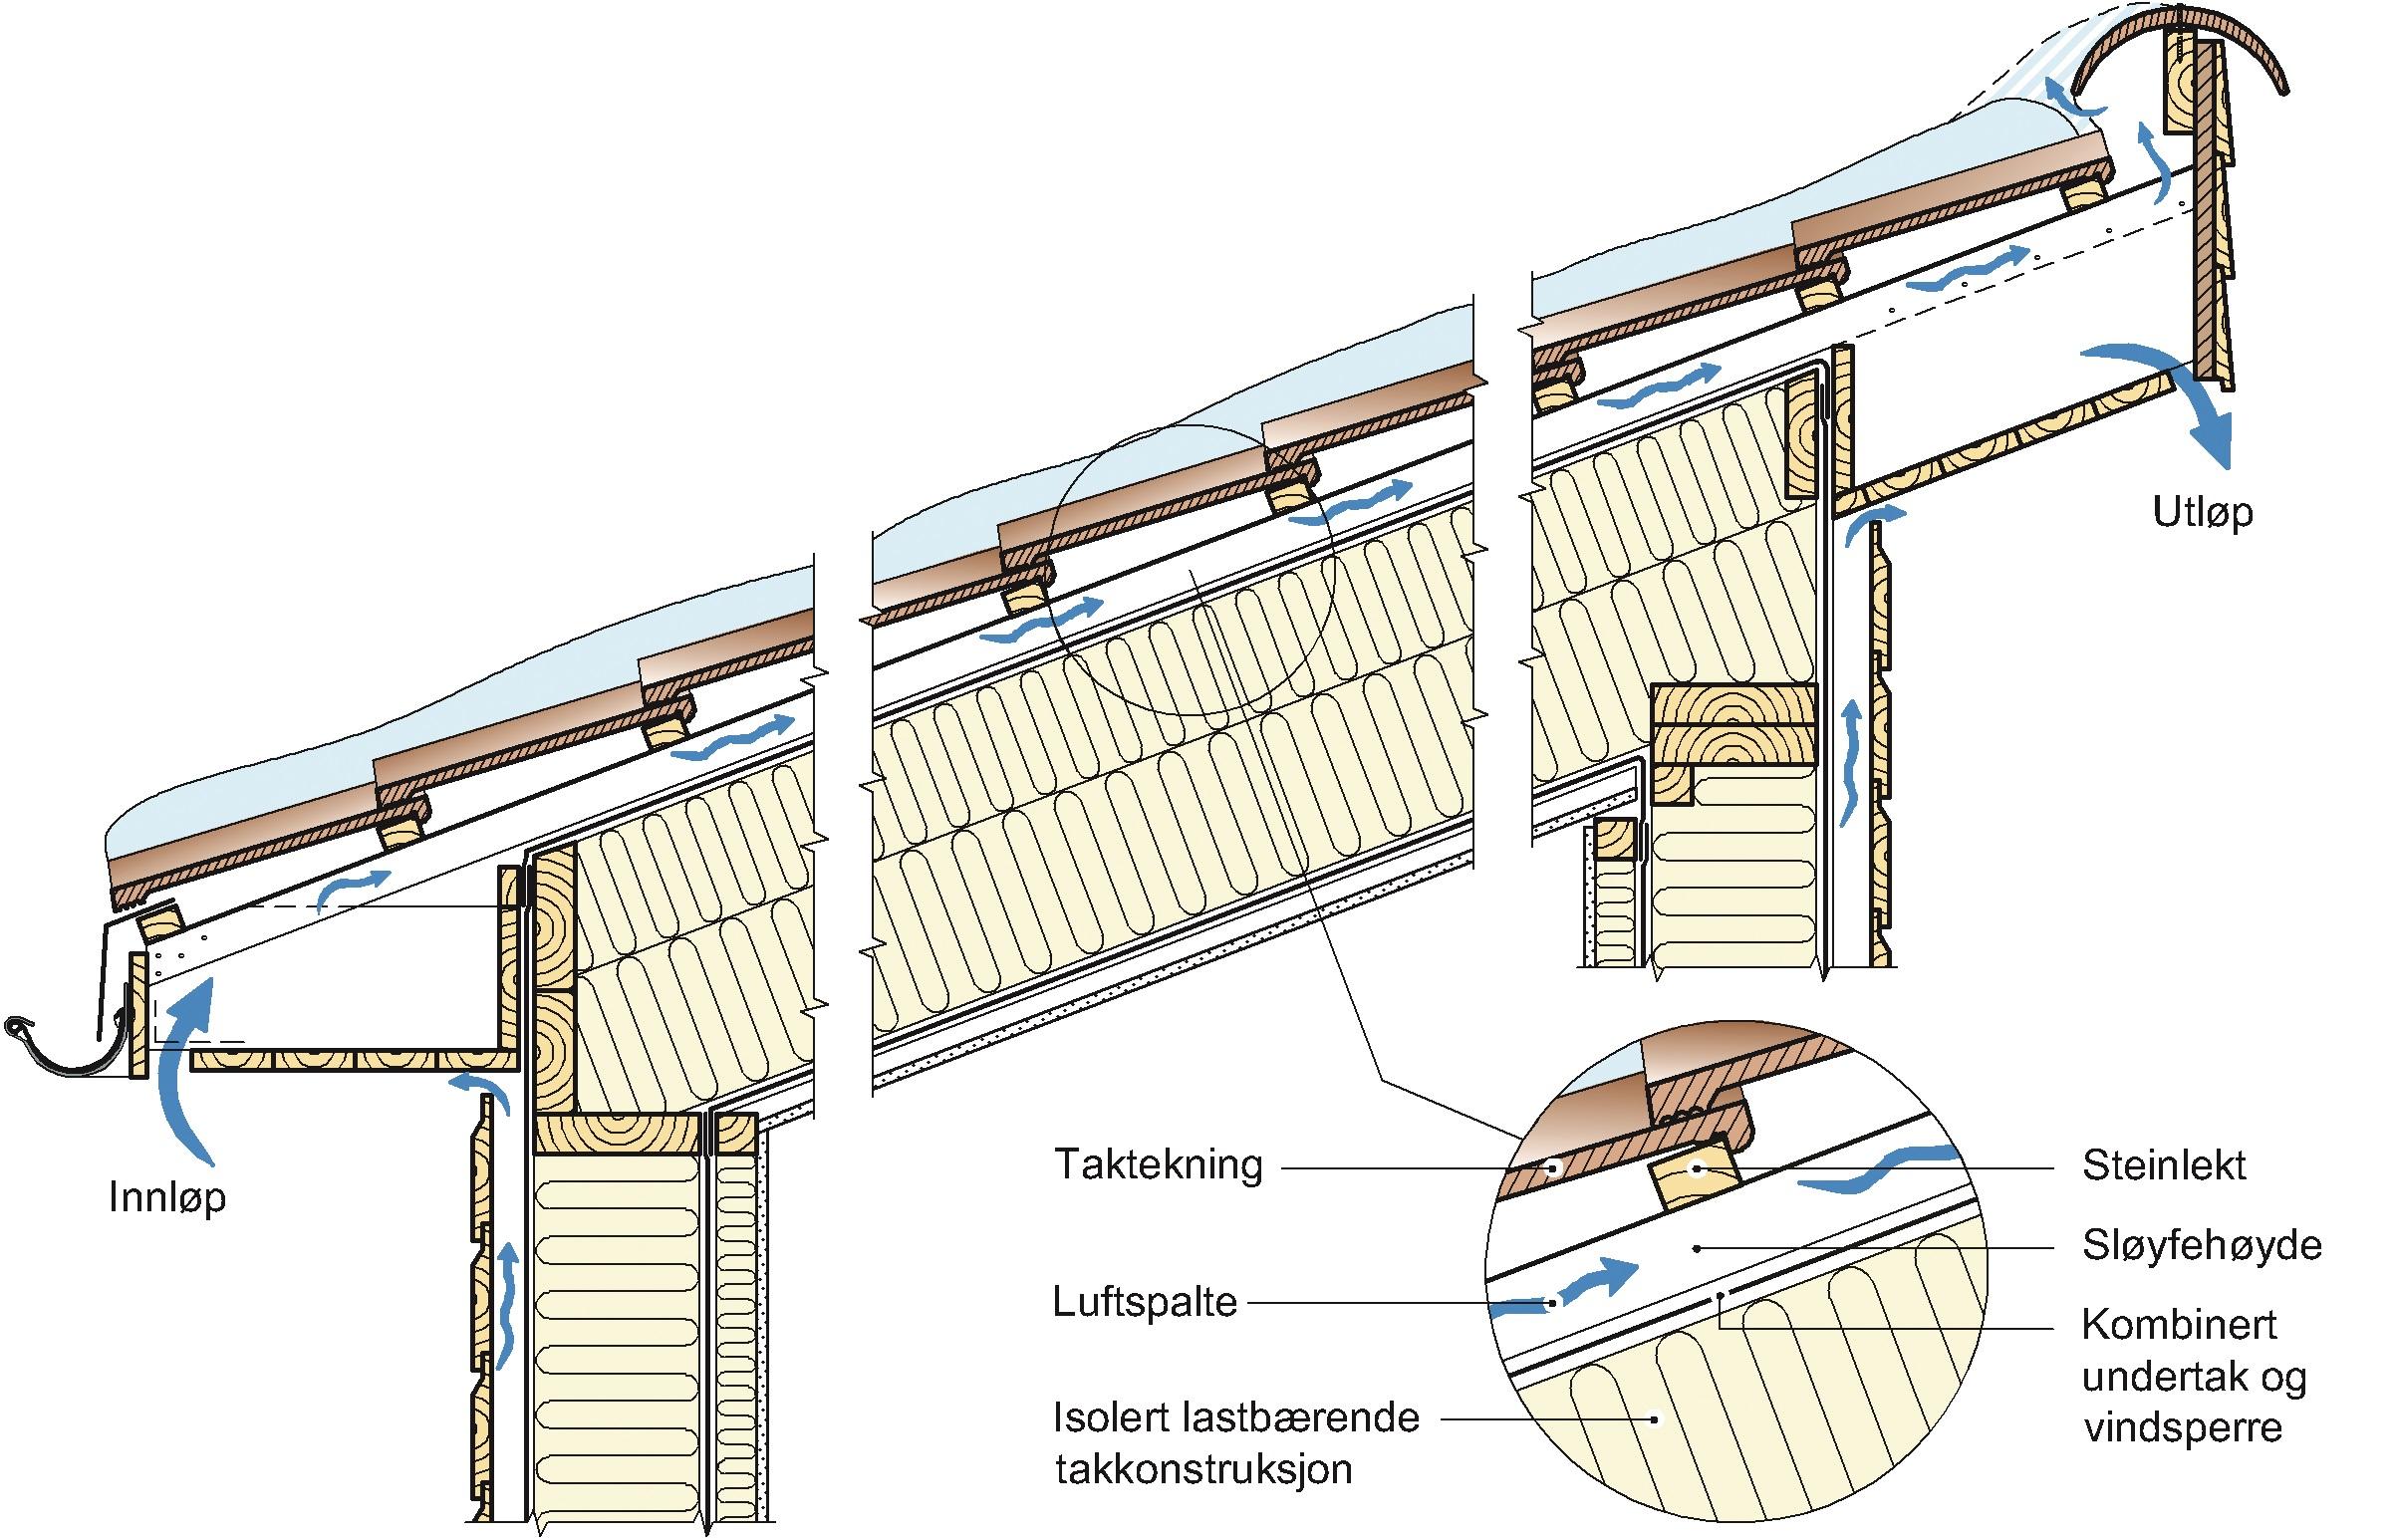 Oppbygging av et luftet tak. Luftespaltehøyden er gitt av sløyfehøyden.